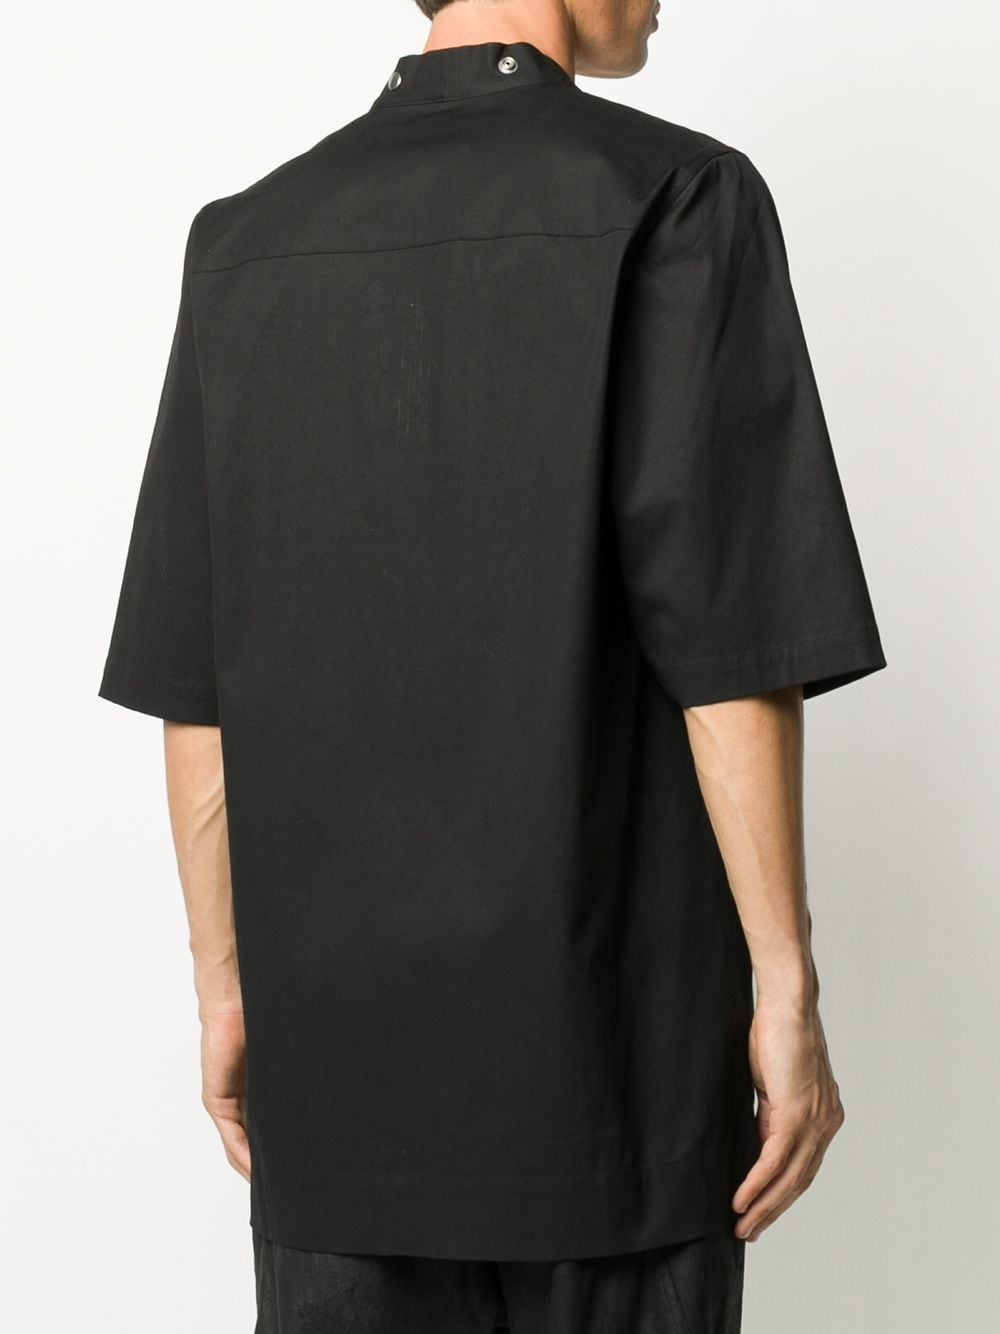 LONG SHIRT RICK OWENS | Shirts | RU21S6294 TE09